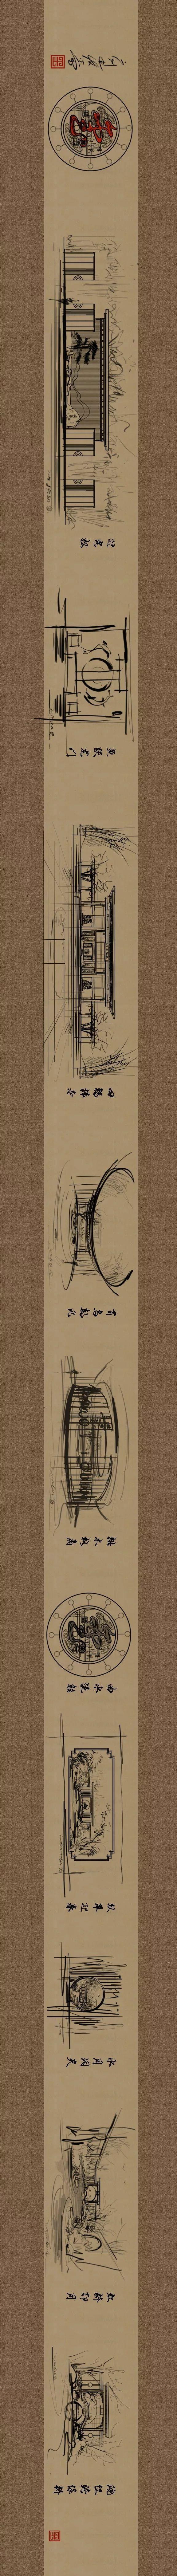 一座现代写意岭南园林|广州建发·央玺_55